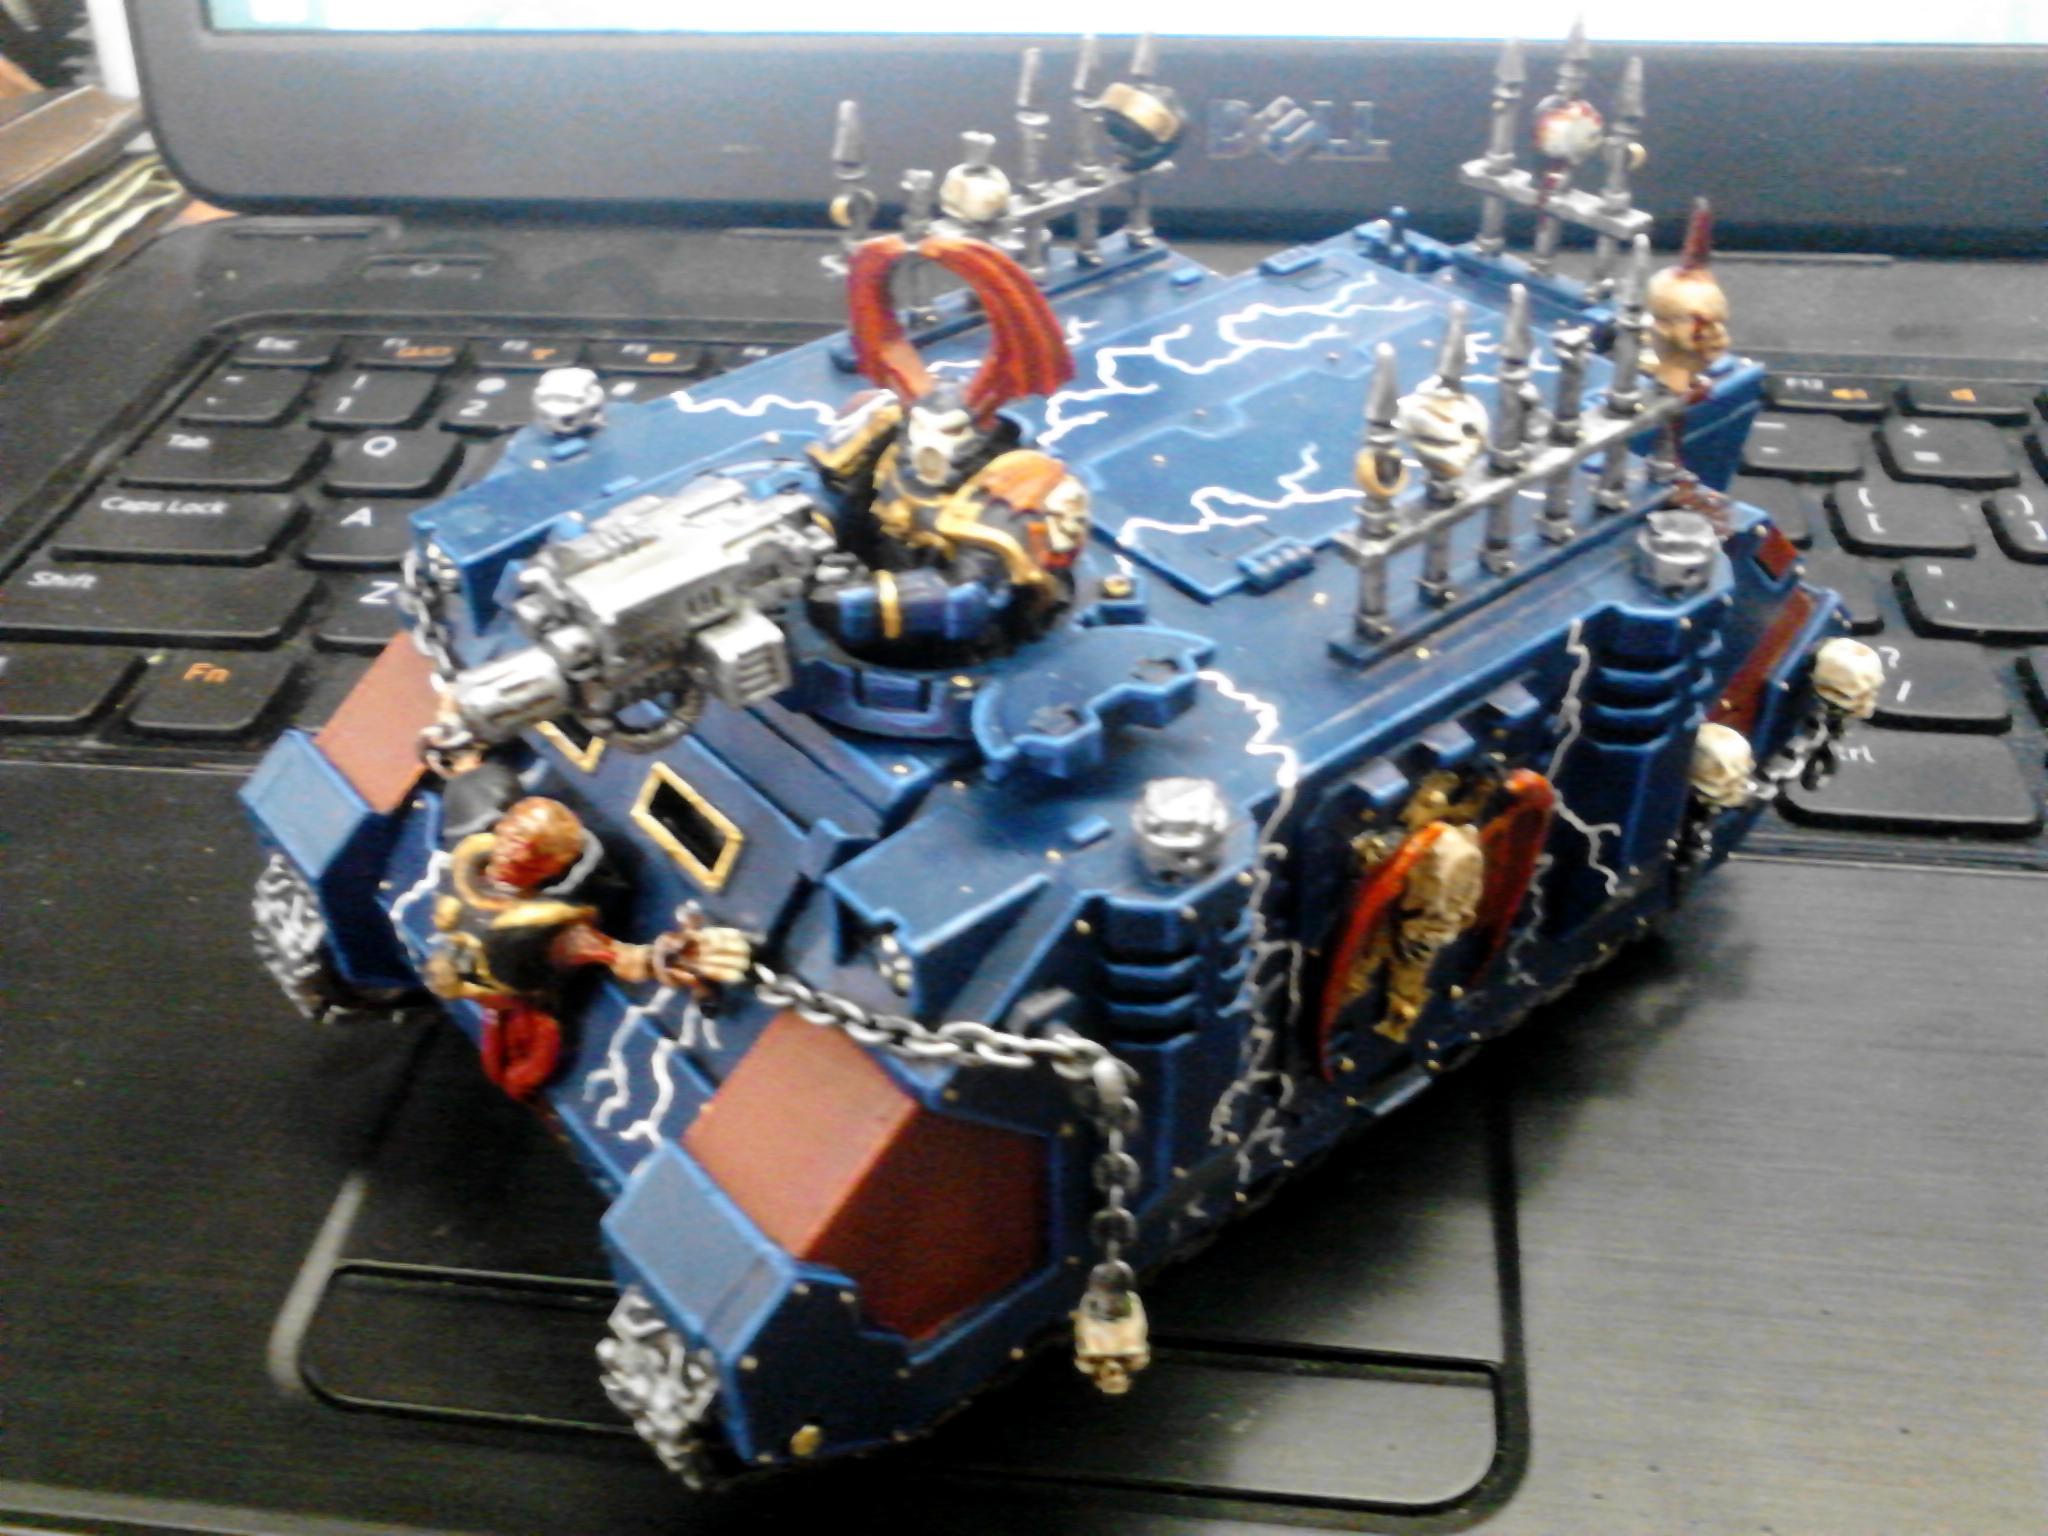 8th Legion, Eighth Legion, Night Lords, Ruven, Talos